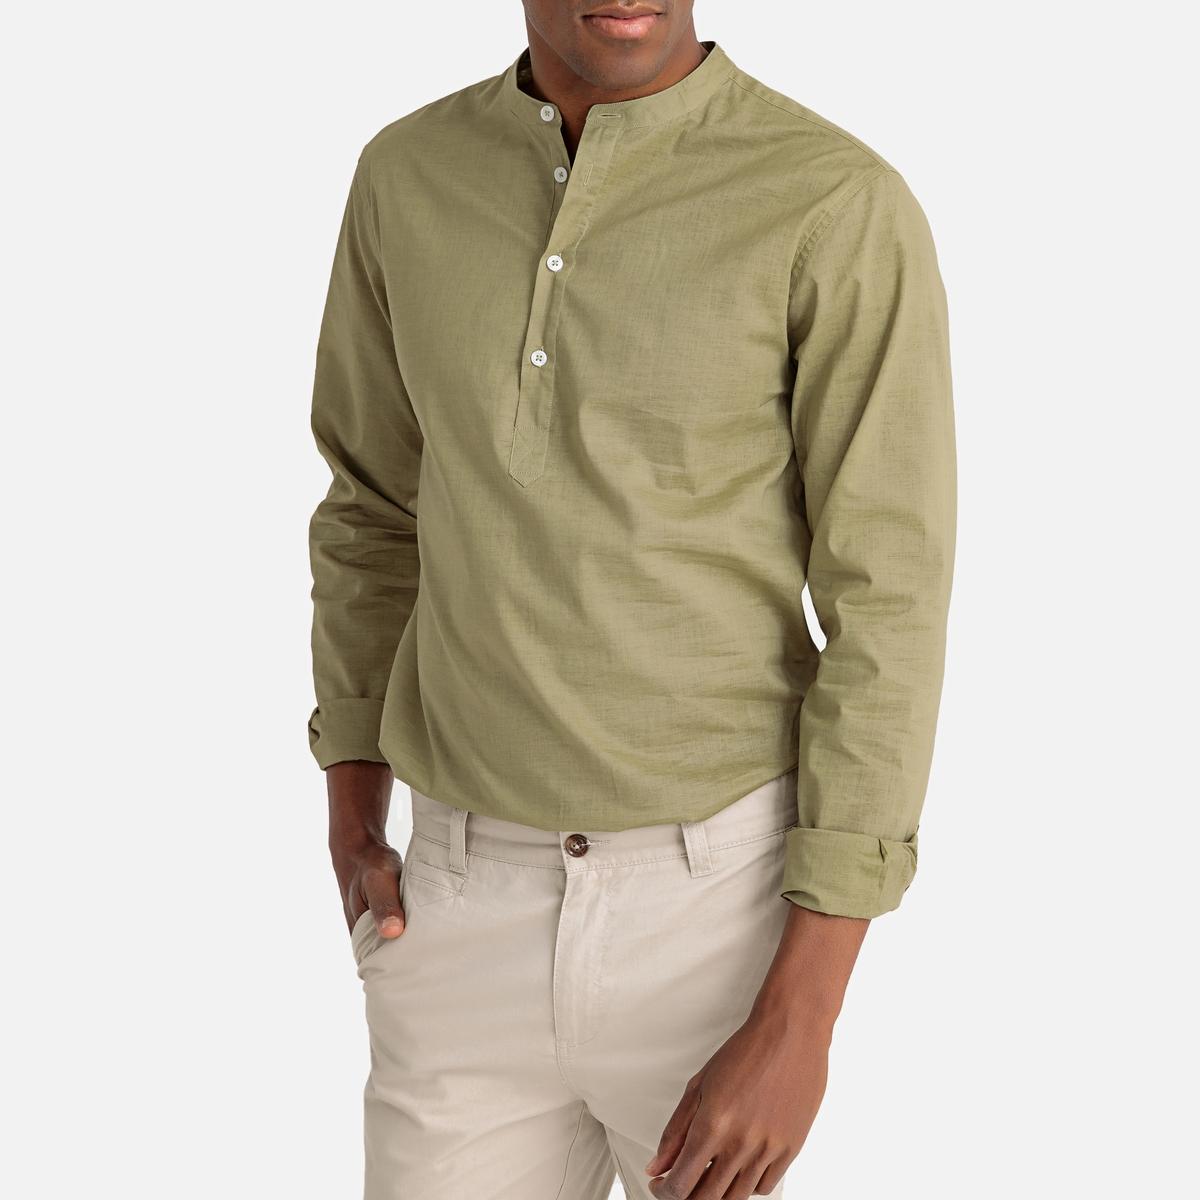 цена Рубашка La Redoute Прямого покроя с круглым вырезом с разрезом спереди и длинными рукавами 37/38 зеленый онлайн в 2017 году